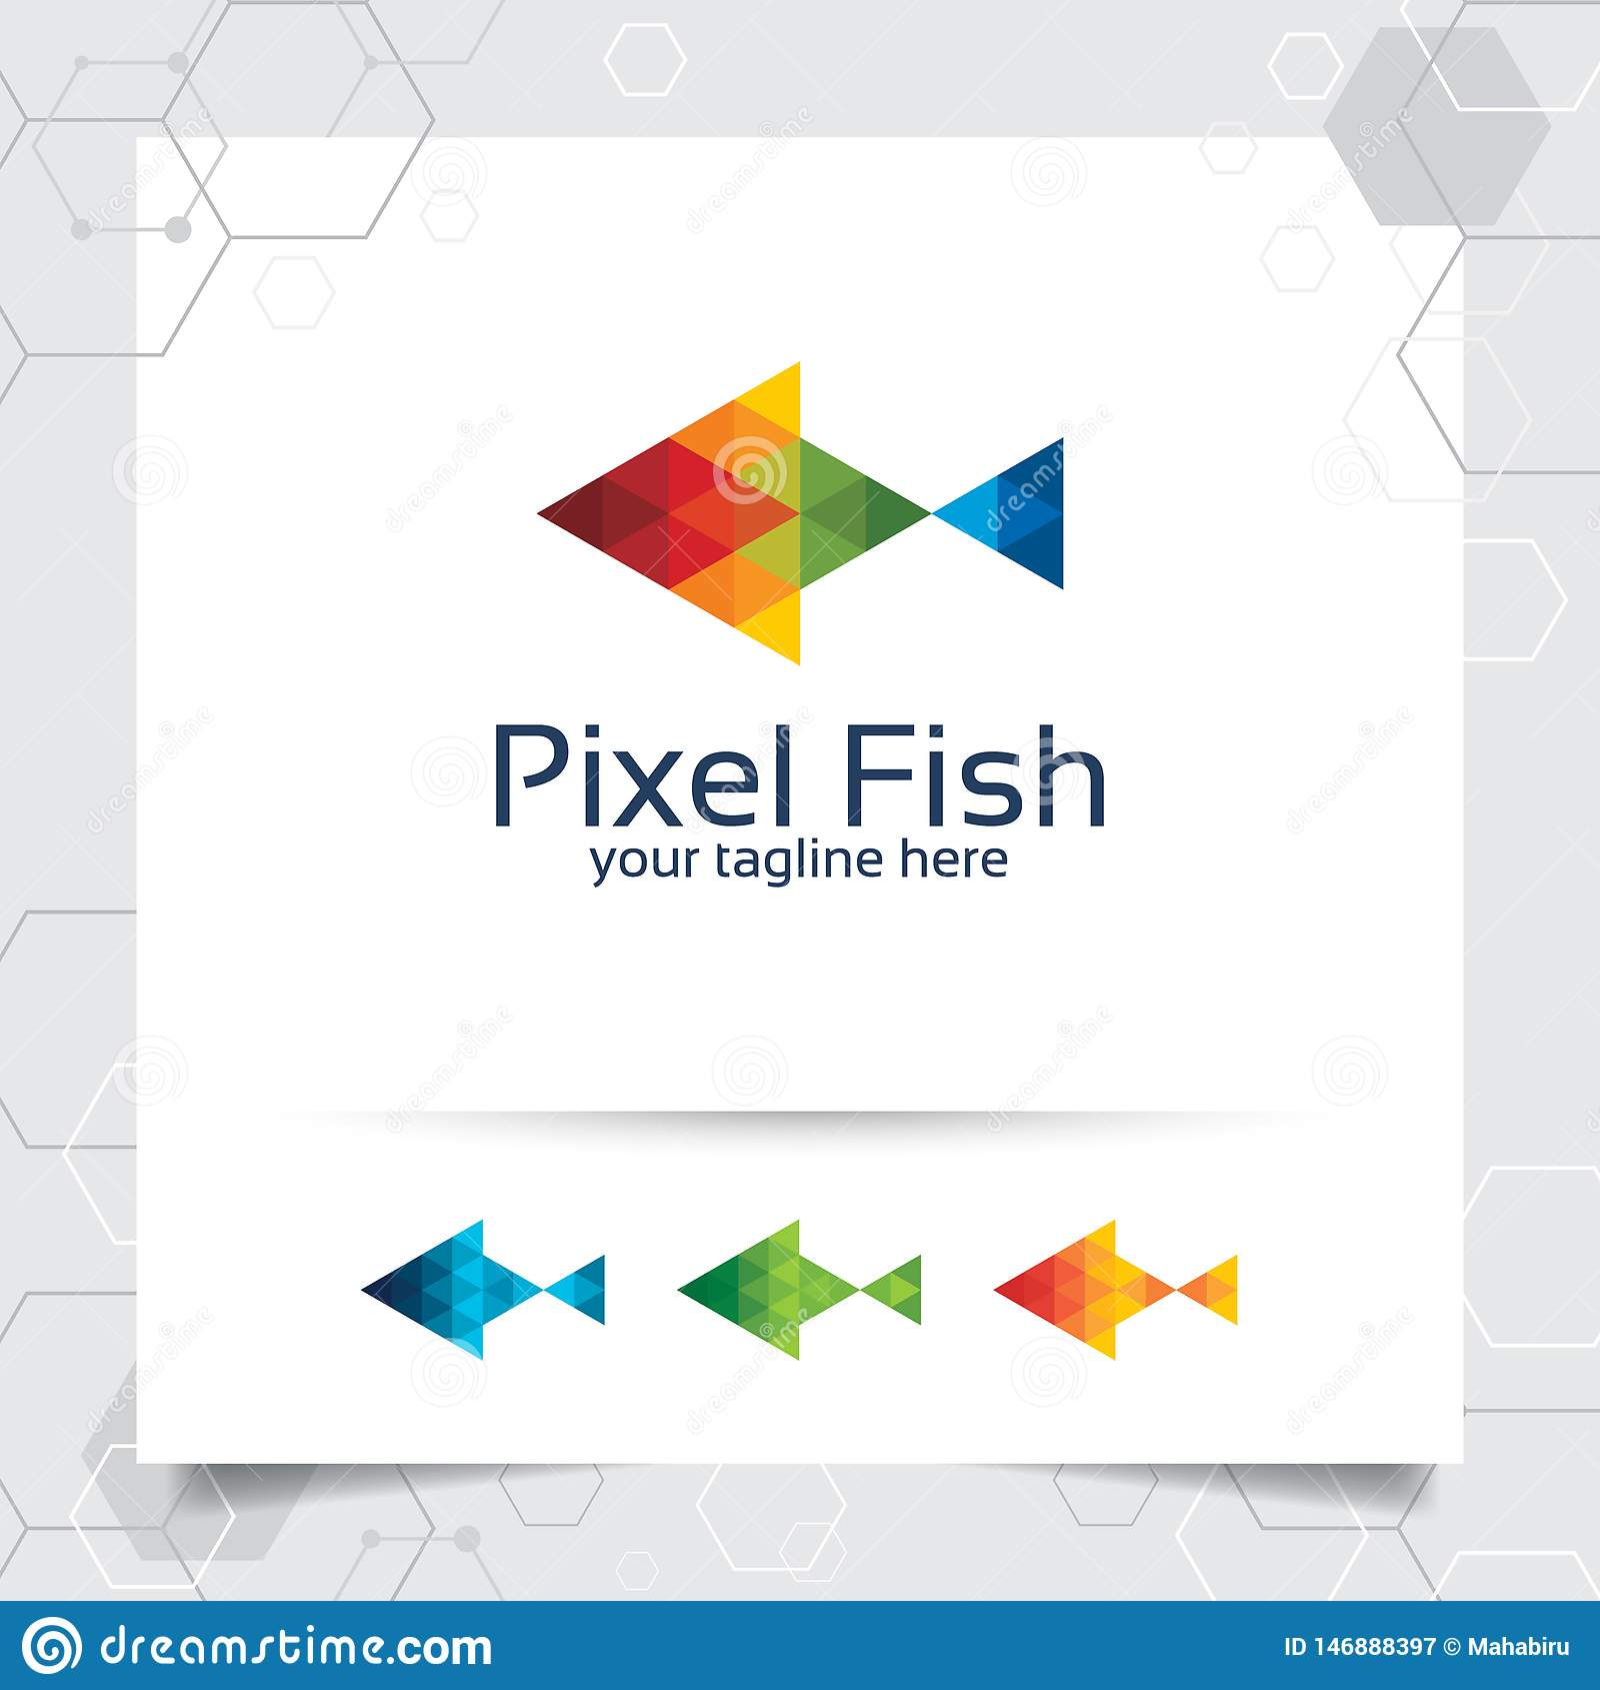 Fischmaskottchenlogovektor-Entwurfsillustration mit buntem Dreieck und Pixelkonzept Fischlogovektor für App und Studio